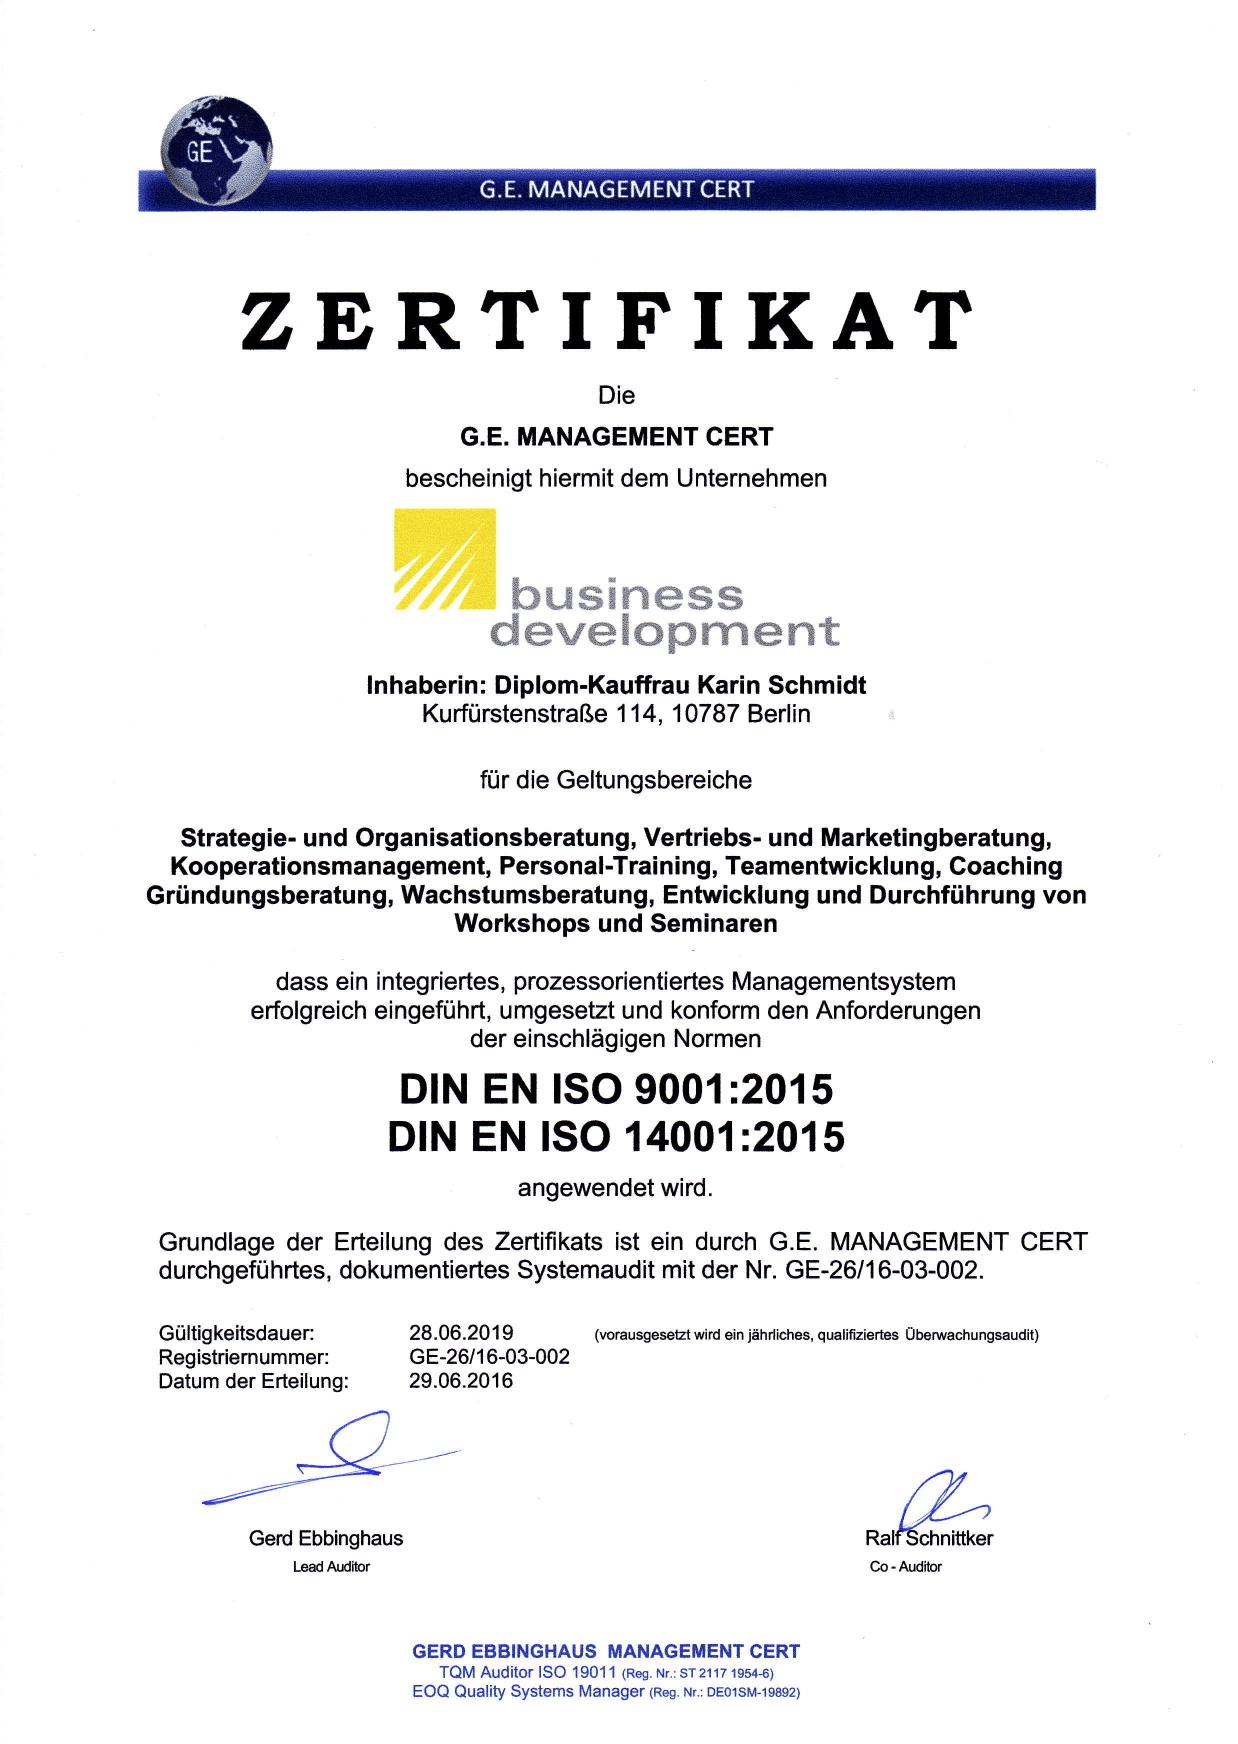 Zertifikat Umwelt- und Qualitätsmanagement business development